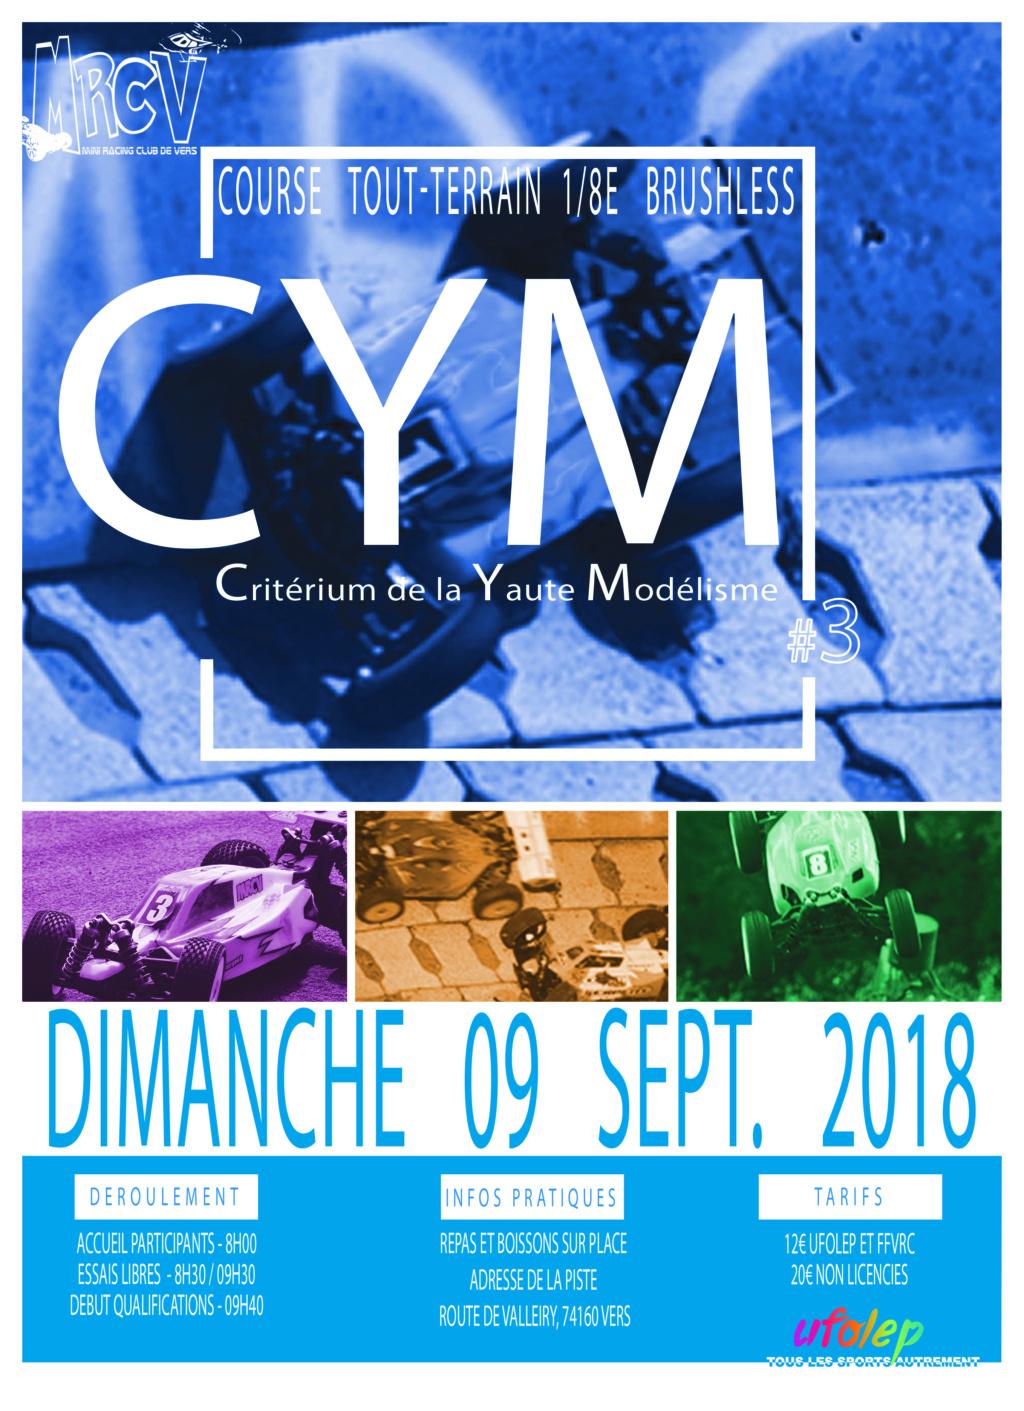 CYM 3ème manche au MRCV : TT 1/8 Bl dimanche 9 Septembre - Page 2 2018-310